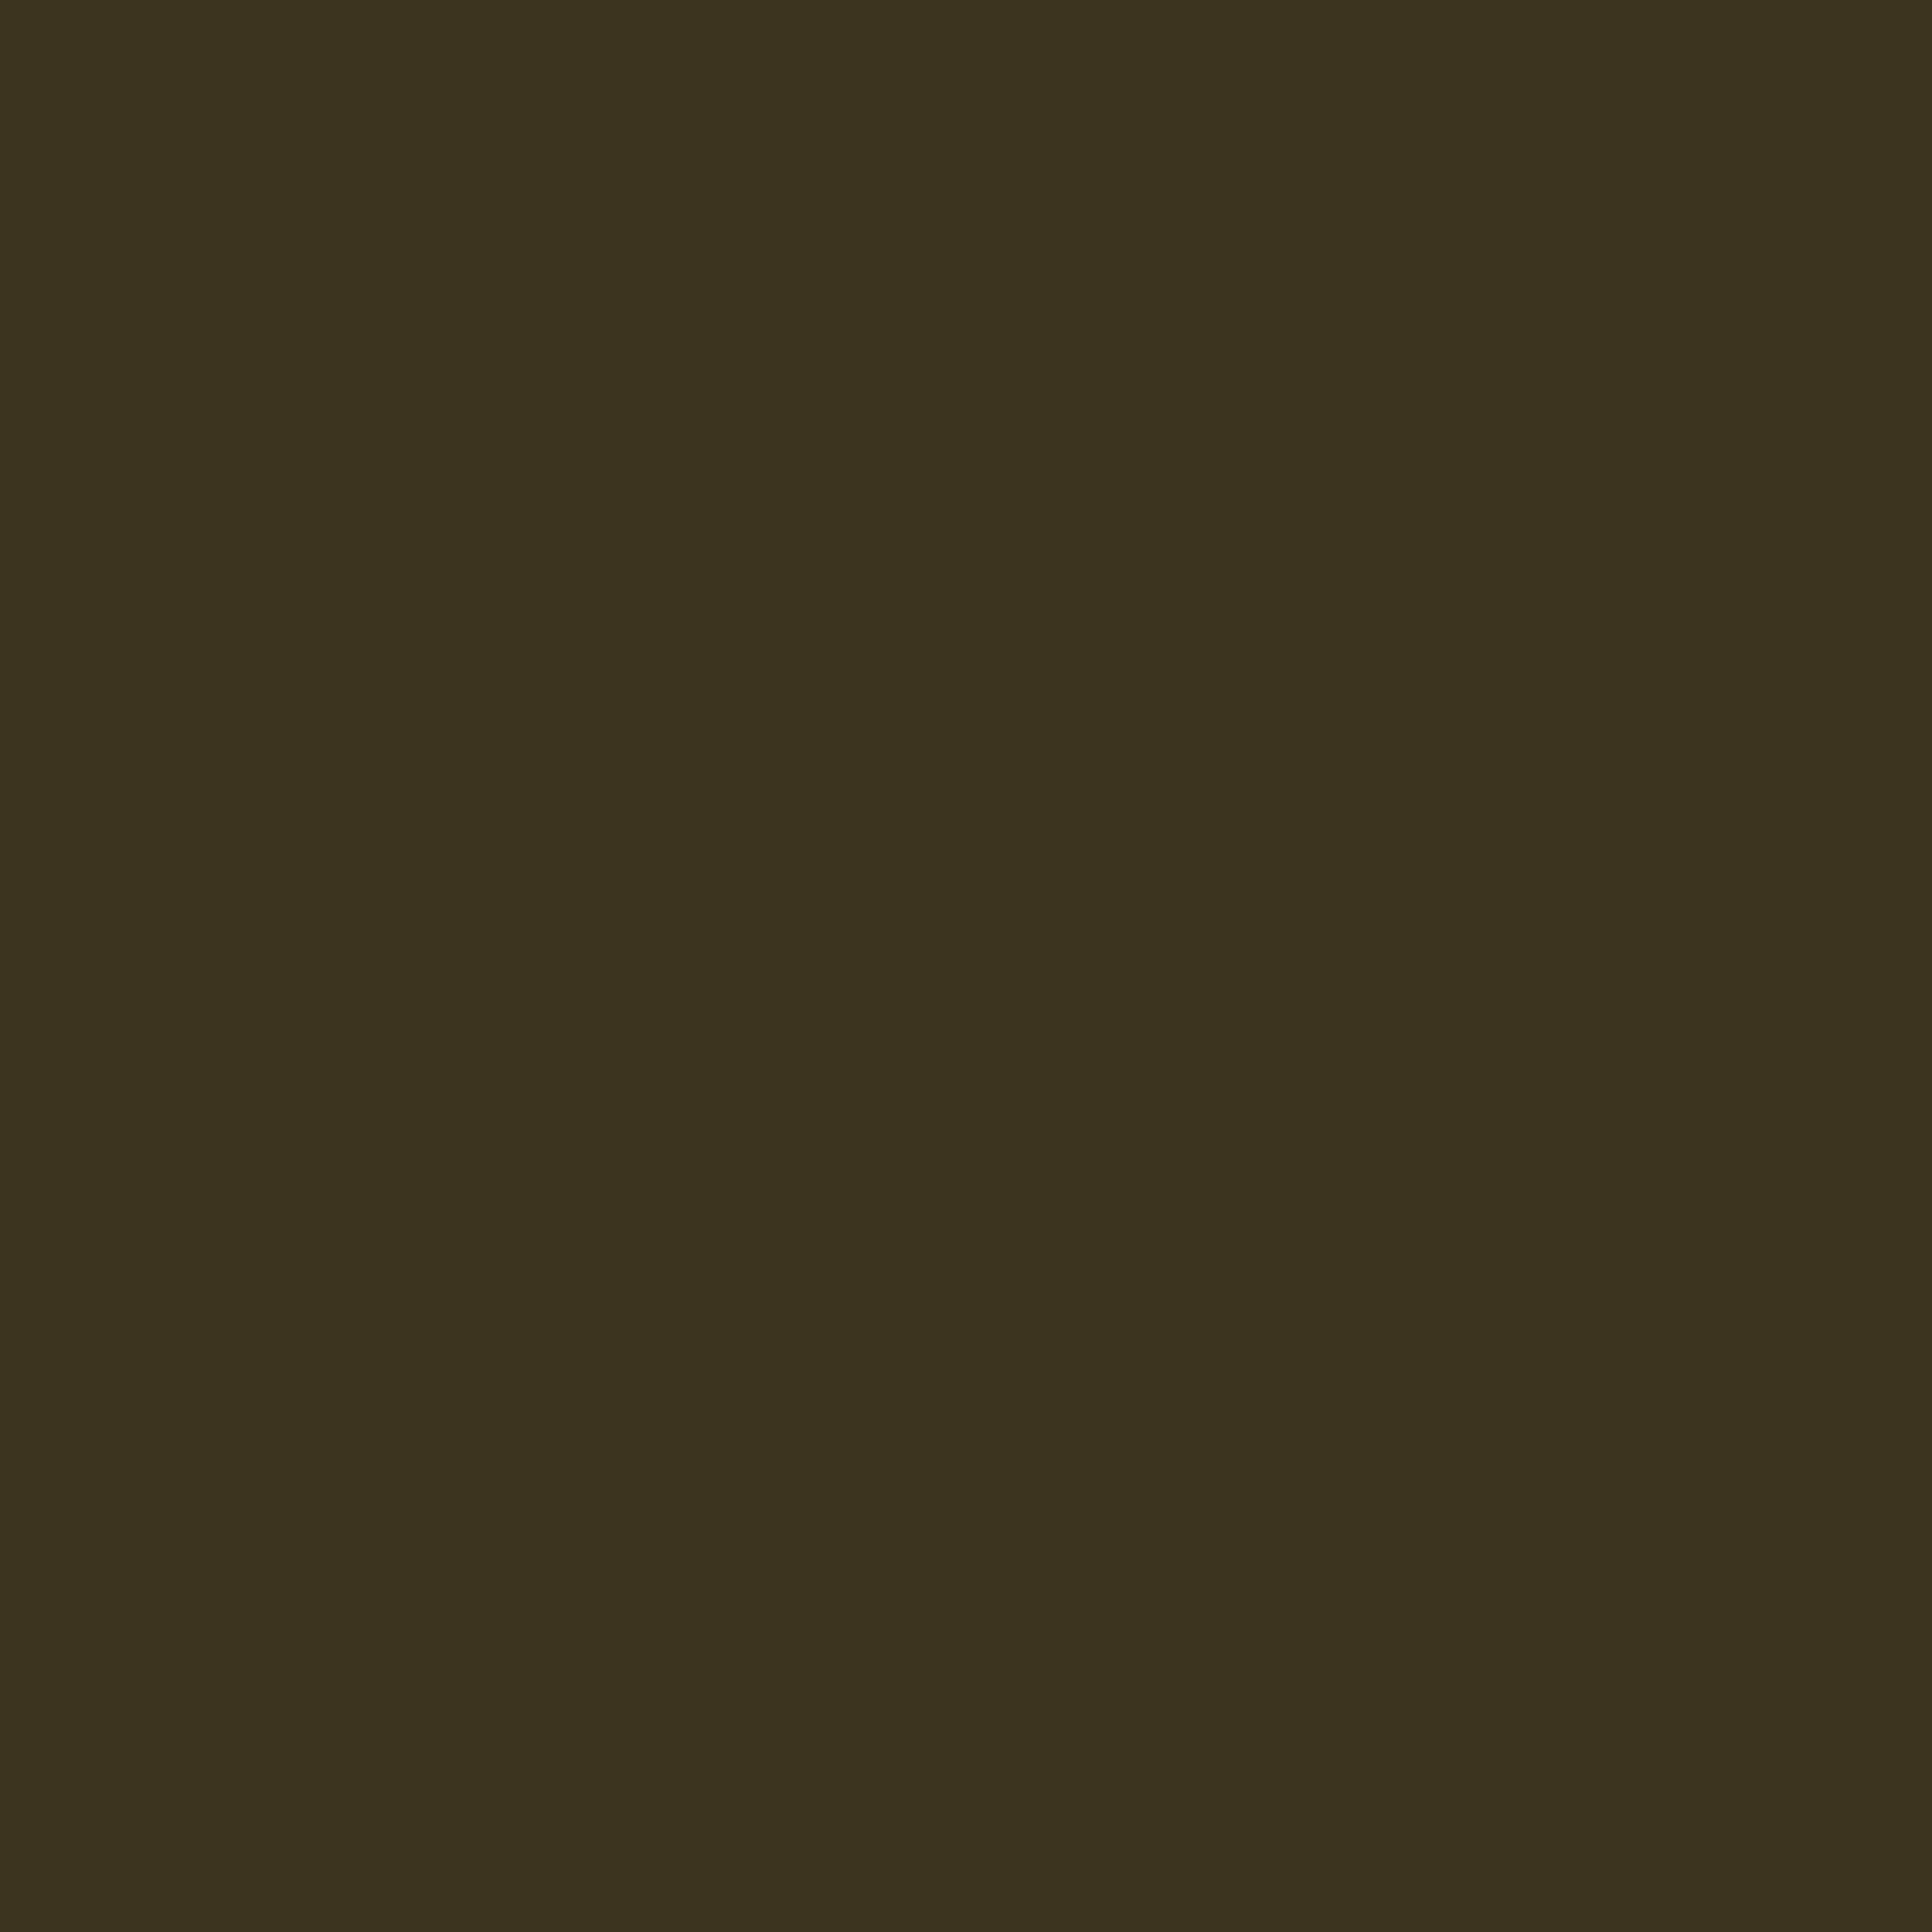 3600x3600 Olive Drab Number Seven Solid Color Background